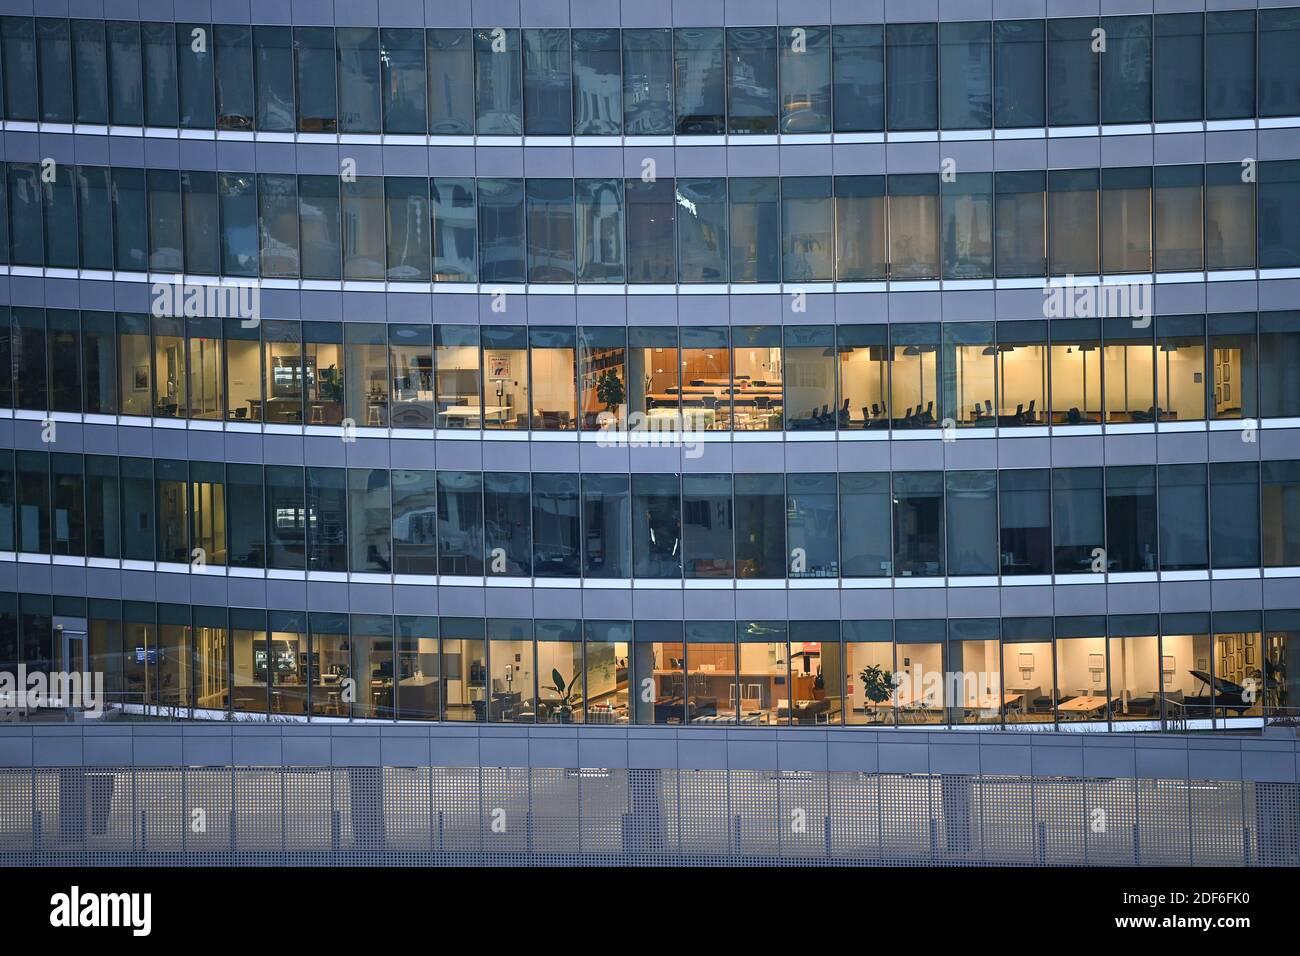 15 agosto 2020 Austin, Texas: Vista del SXSW Center durante un'alba di prima mattina, guardando a nord dal Westgate Building nel centro di Austin. © Bob Daemmrich Foto Stock